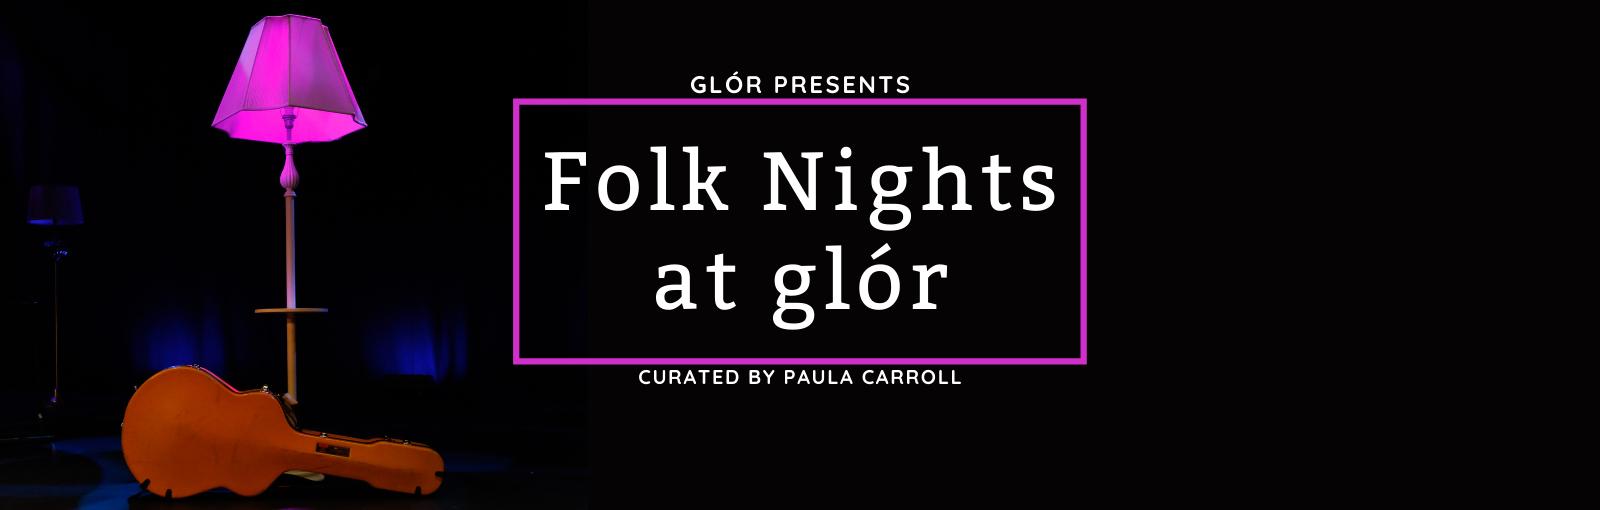 Folk Nights at glór